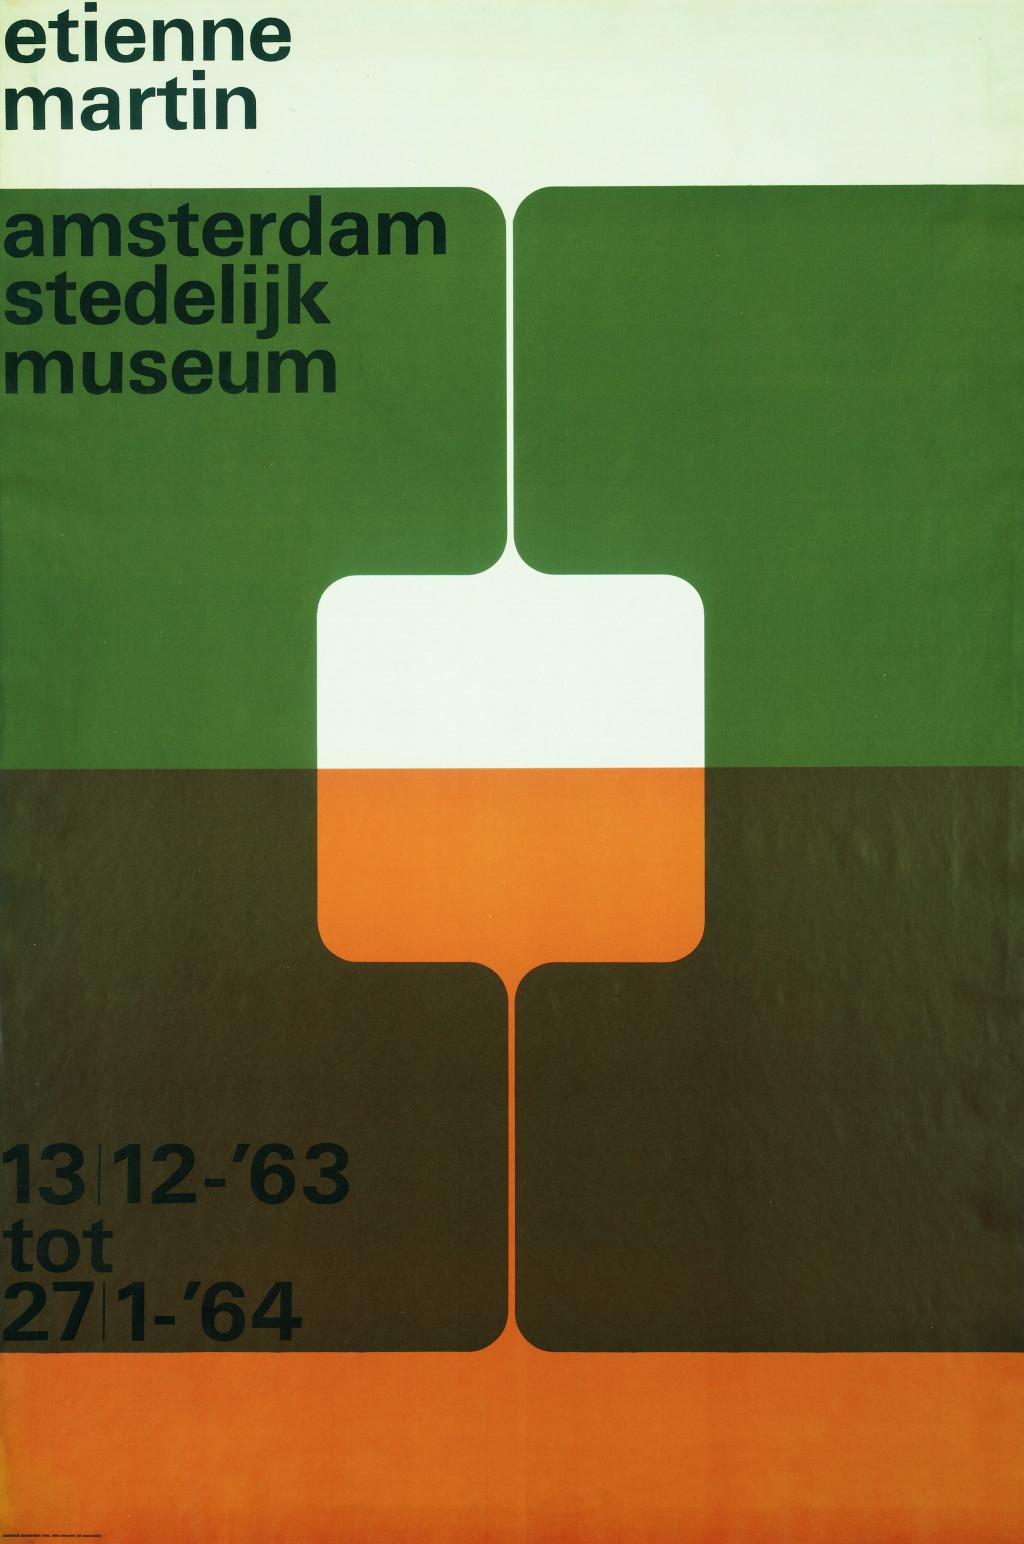 Wim Crouwel, affiche Etienne Martin, 1963. Collectie Stedelijk Museum Amsterdam